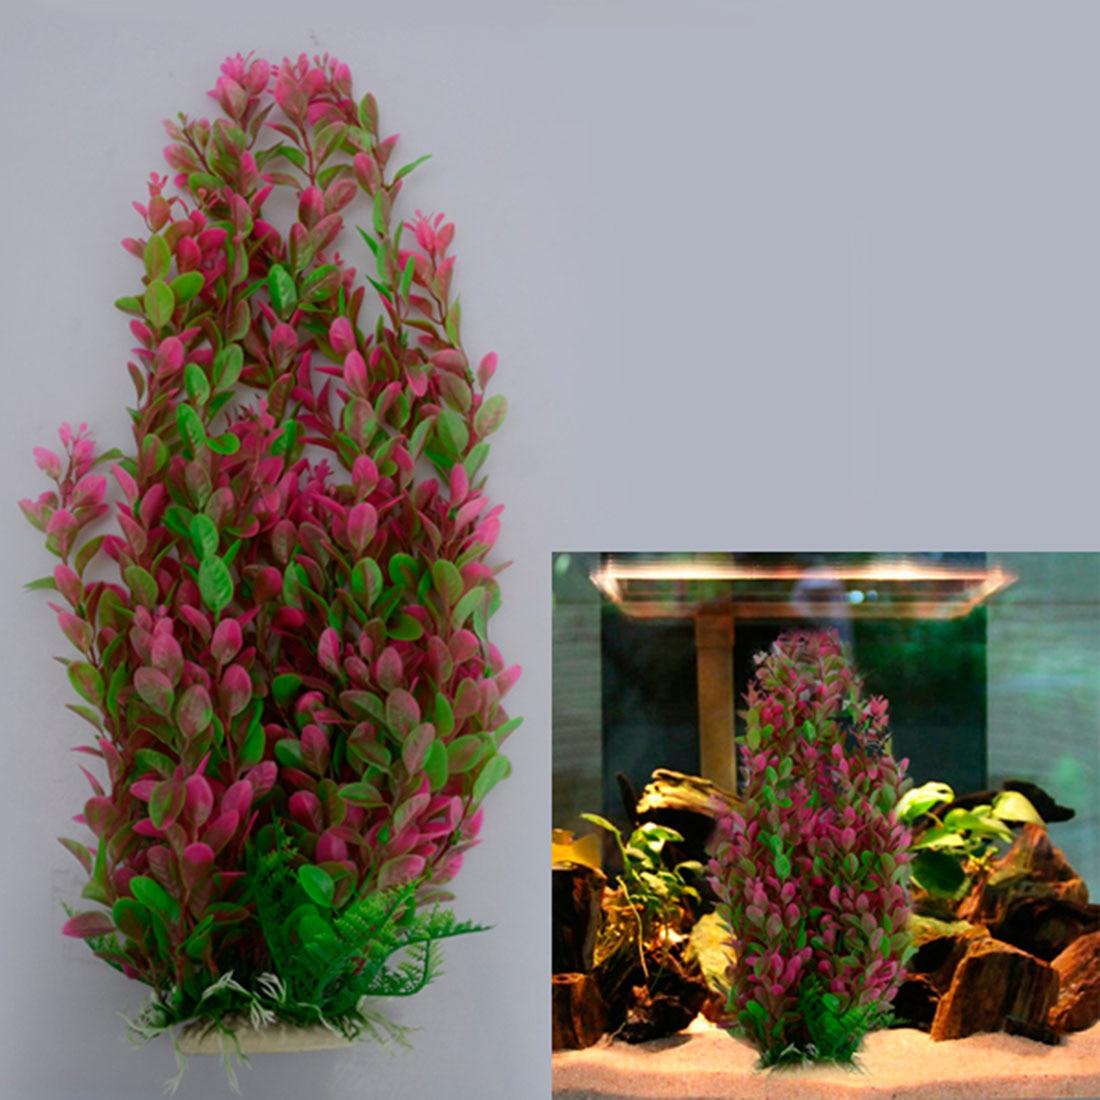 nueva moda fish tank ornamento de decoracin simulacin submarino cm acuario planta de agua de